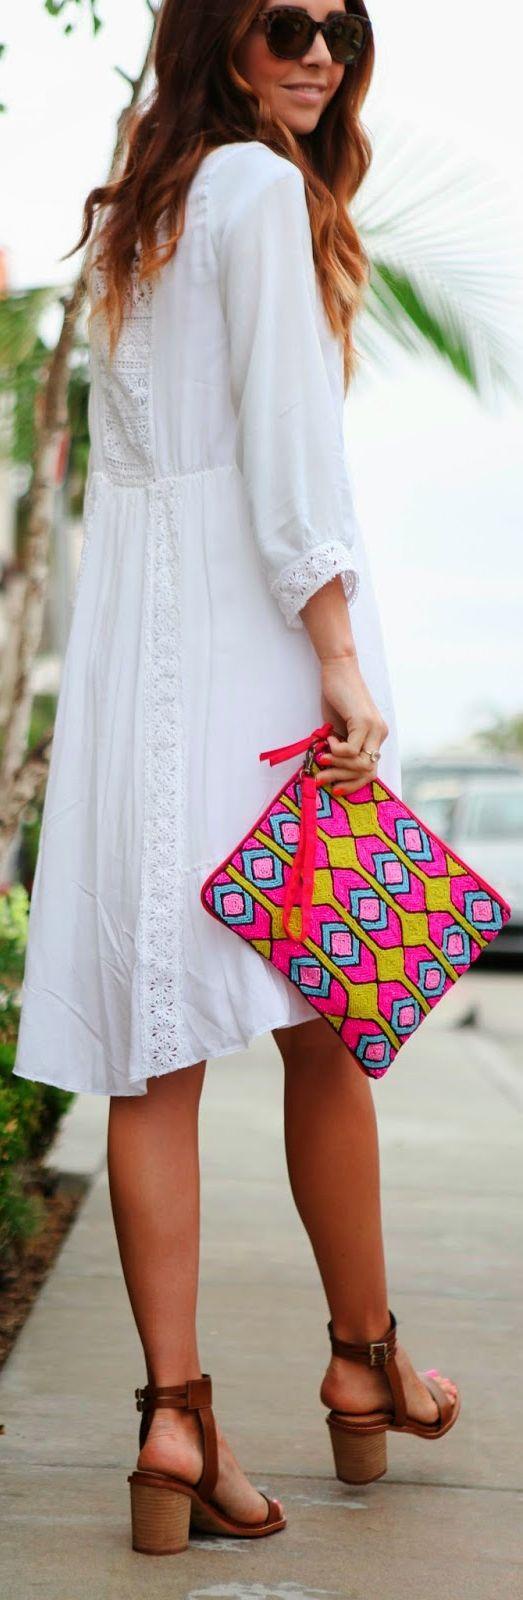 Lulu's Fuchsia Moroccan Print Flat Clutch/ the shoes oooo so cute